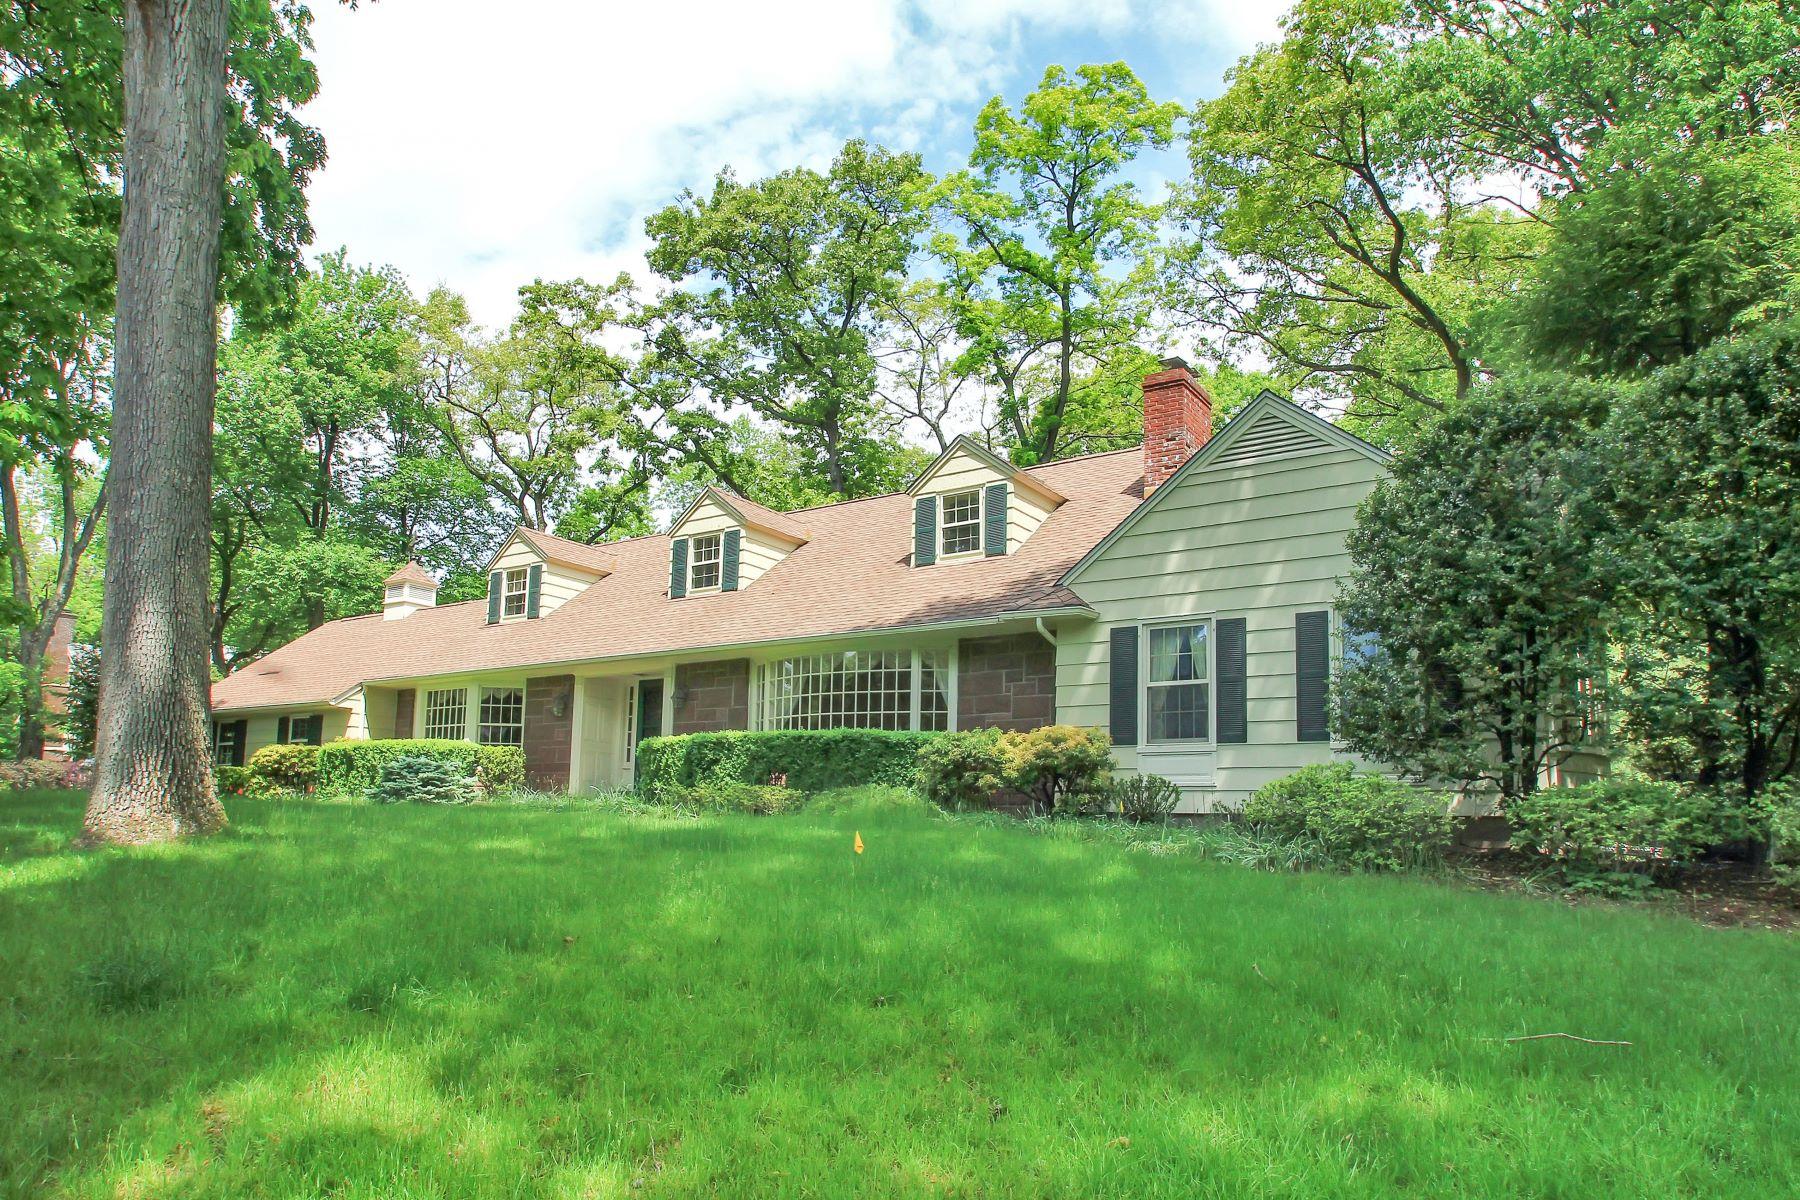 واحد منزل الأسرة للـ Sale في Prestigious Chestnut Ridge! 3 Twin Brooks Rd, Saddle River, New Jersey, 07458 United States